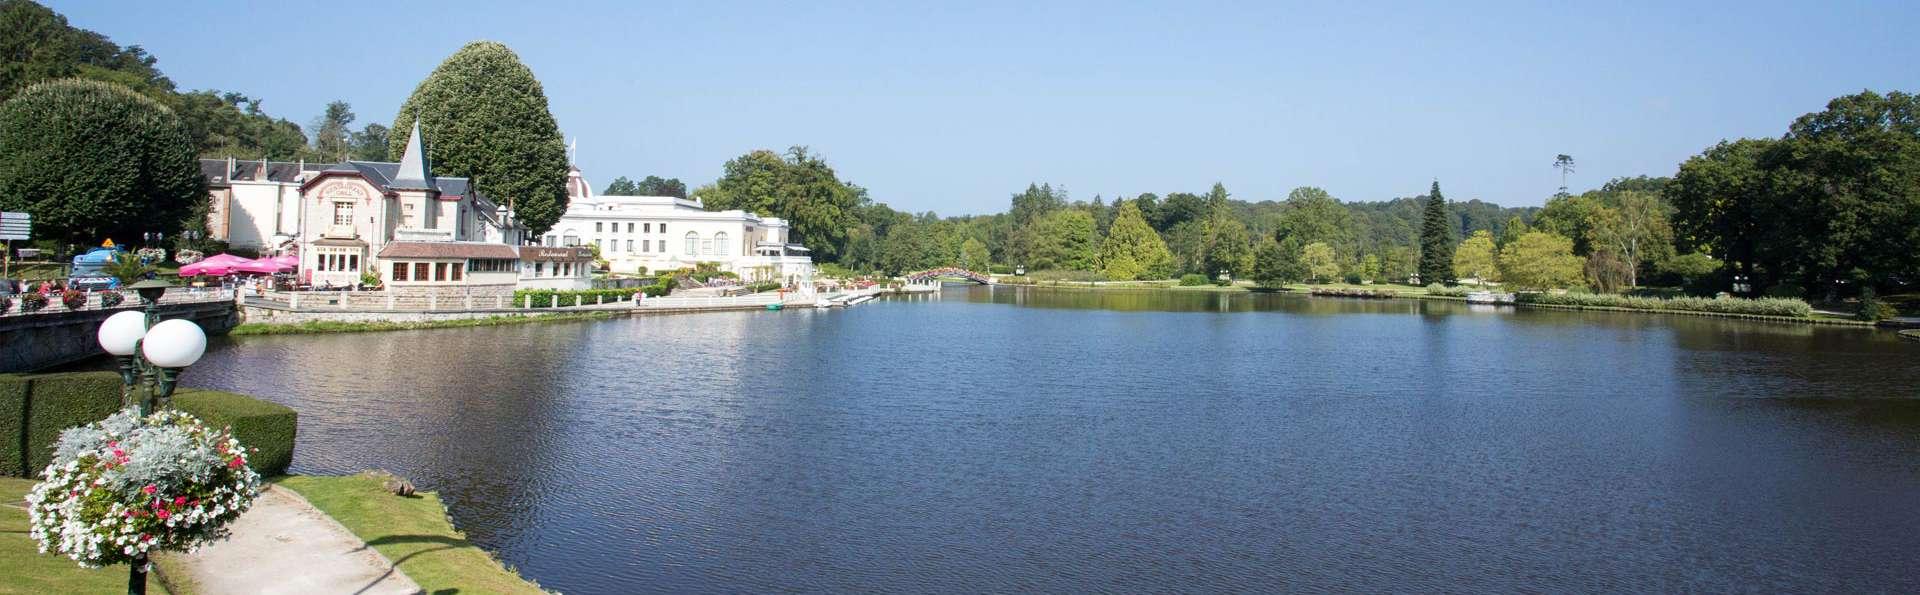 Hôtel et spa du Béryl - Bagnoles de l'Orne - edit_lac.jpg